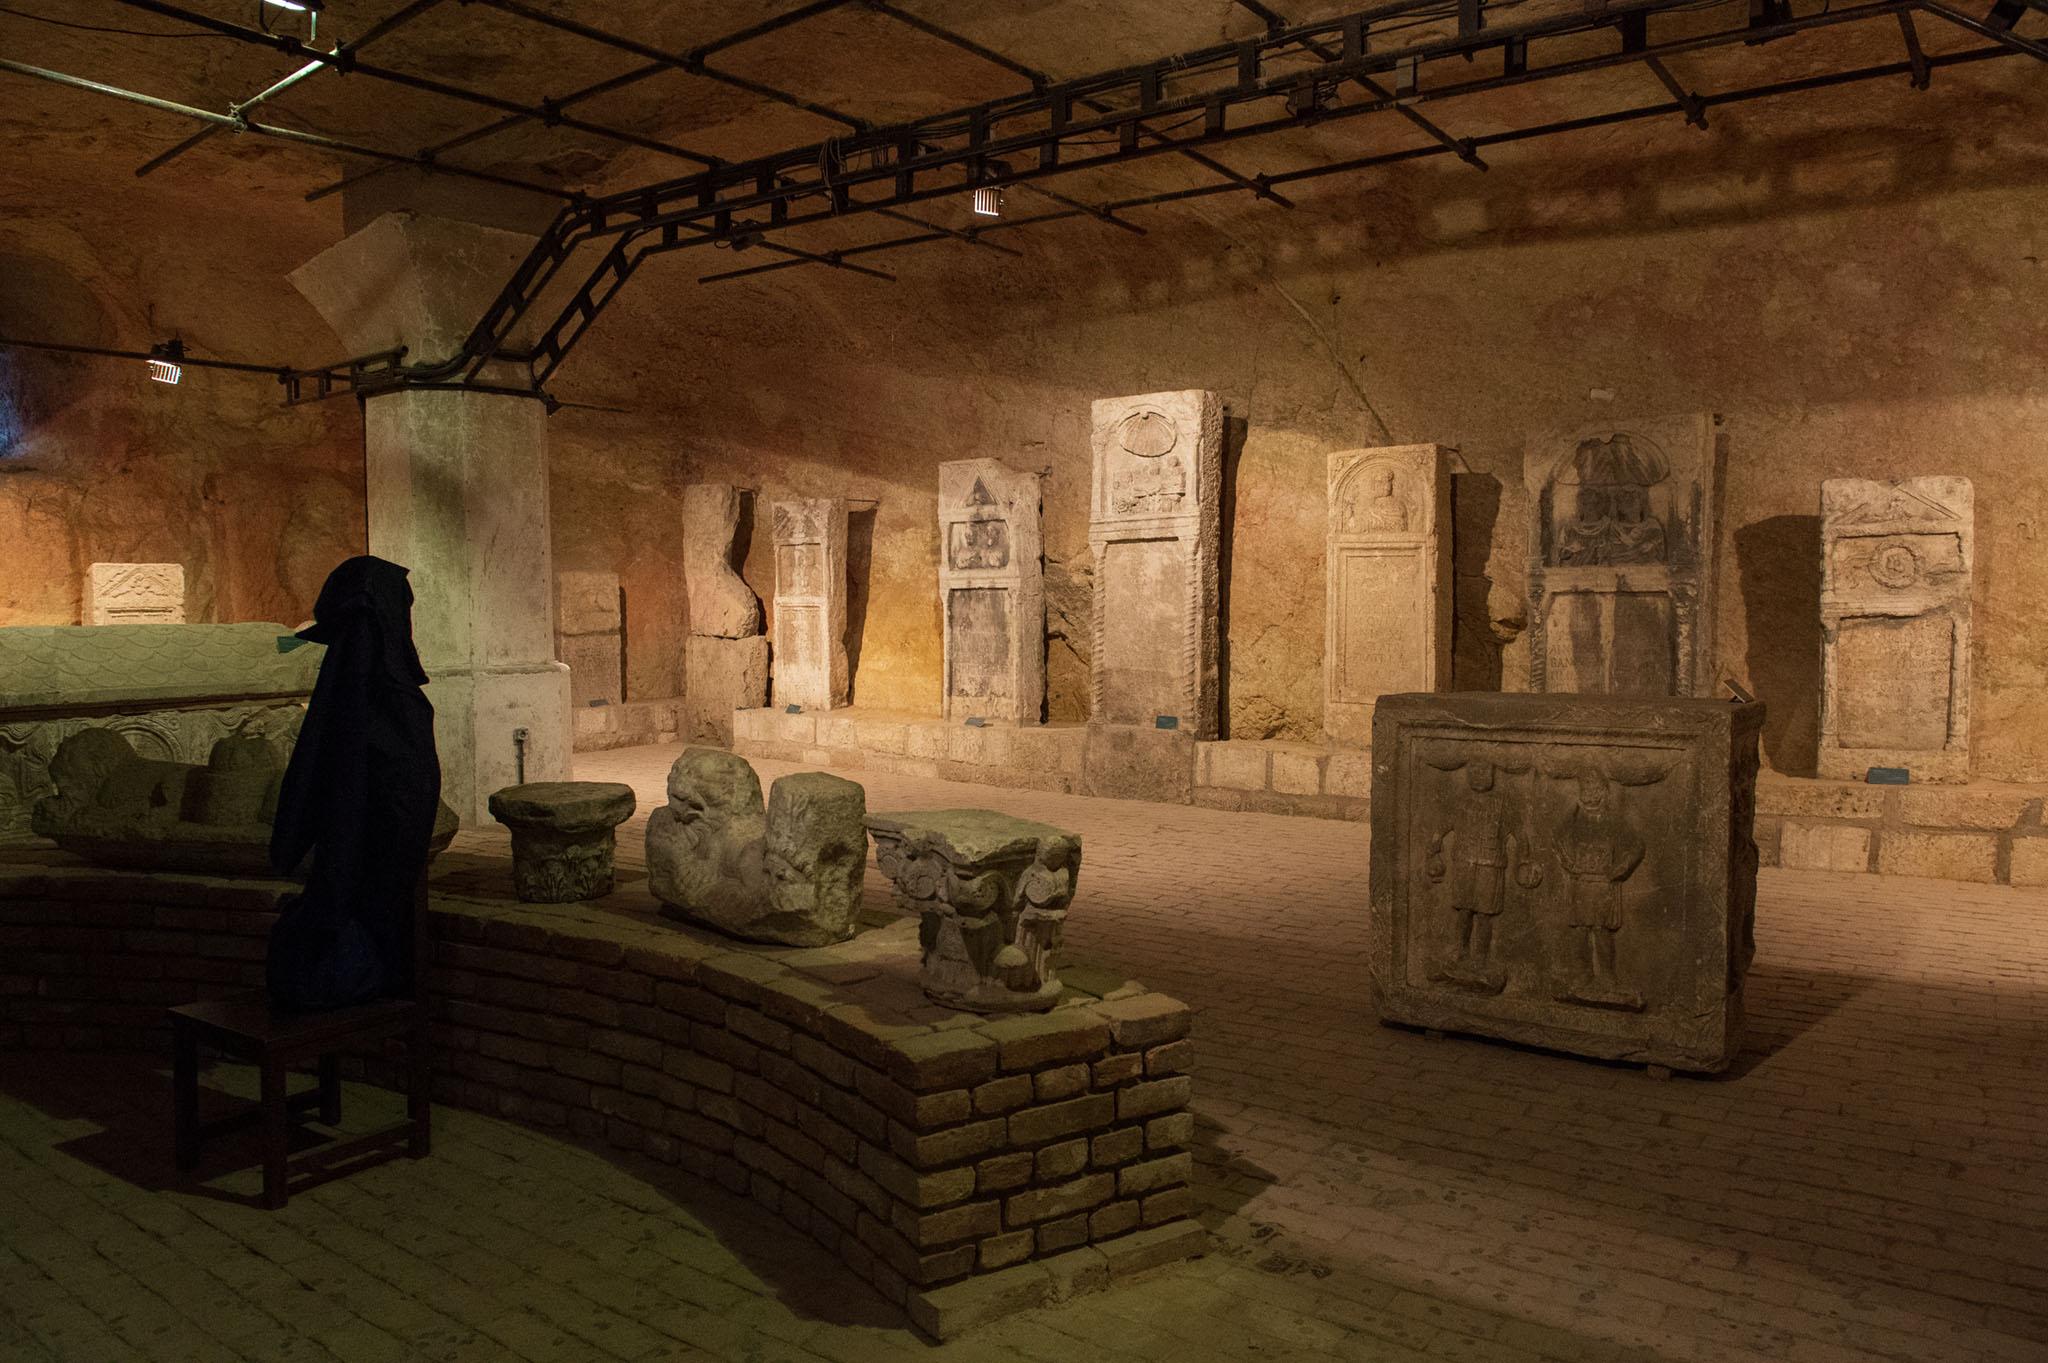 Rimski spomenici, Barutana